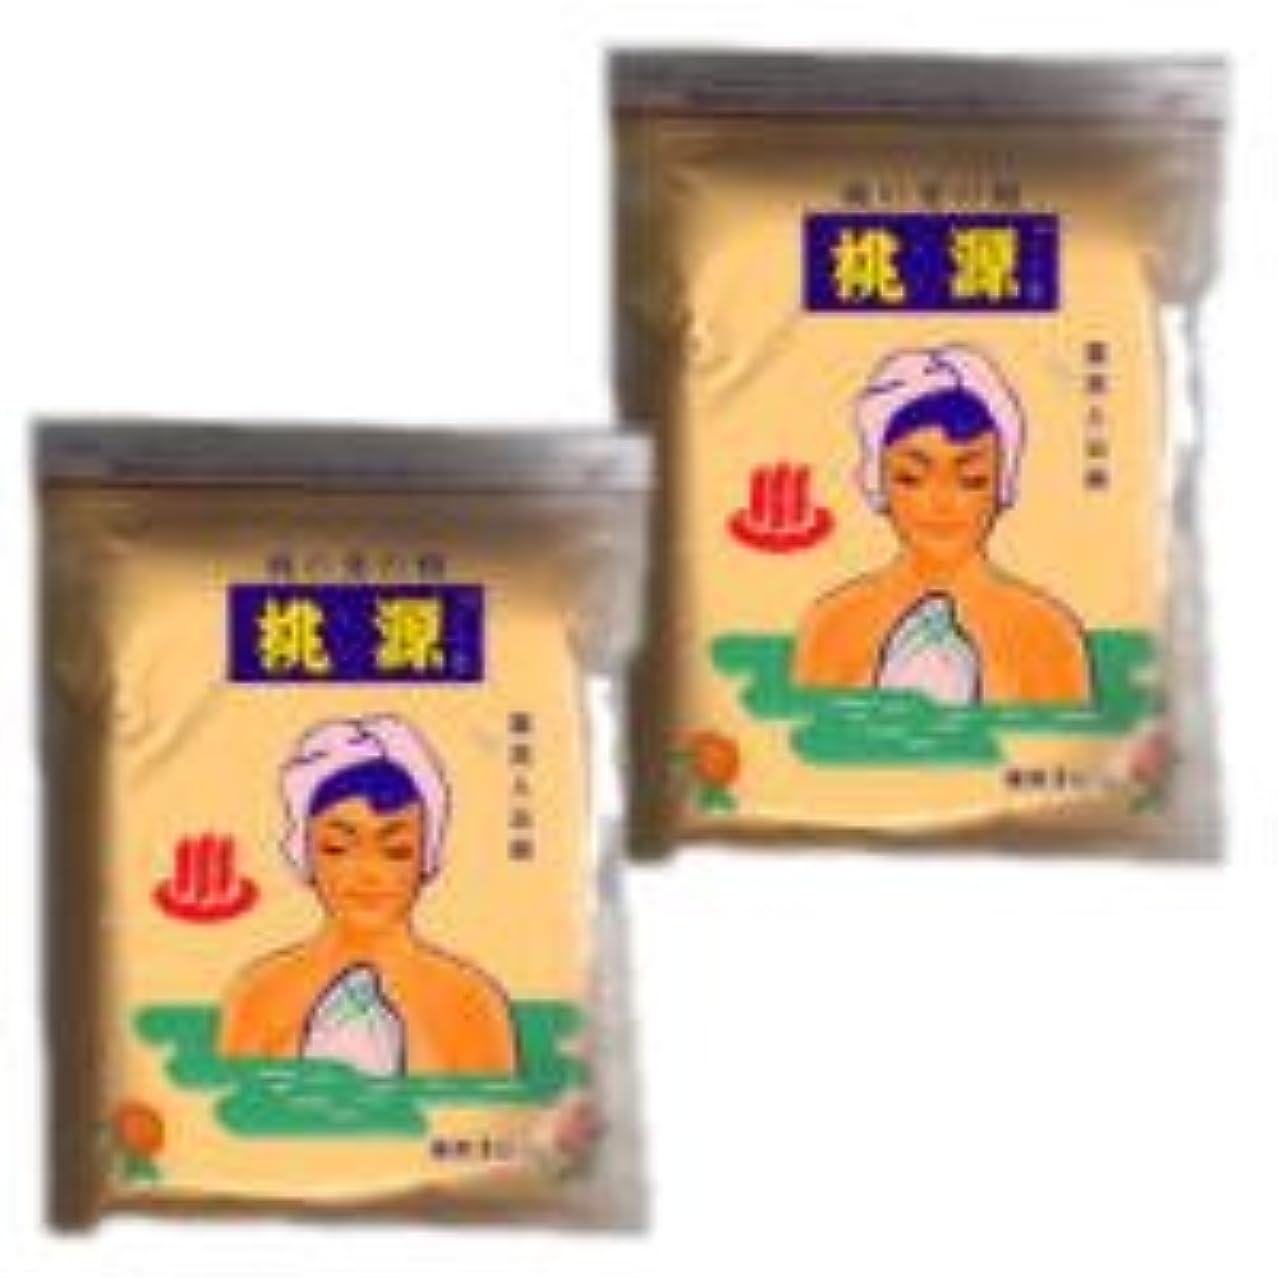 ラショナル検索製作桃源(とうげん)s 桃の葉の精 1000g 袋入り 2個